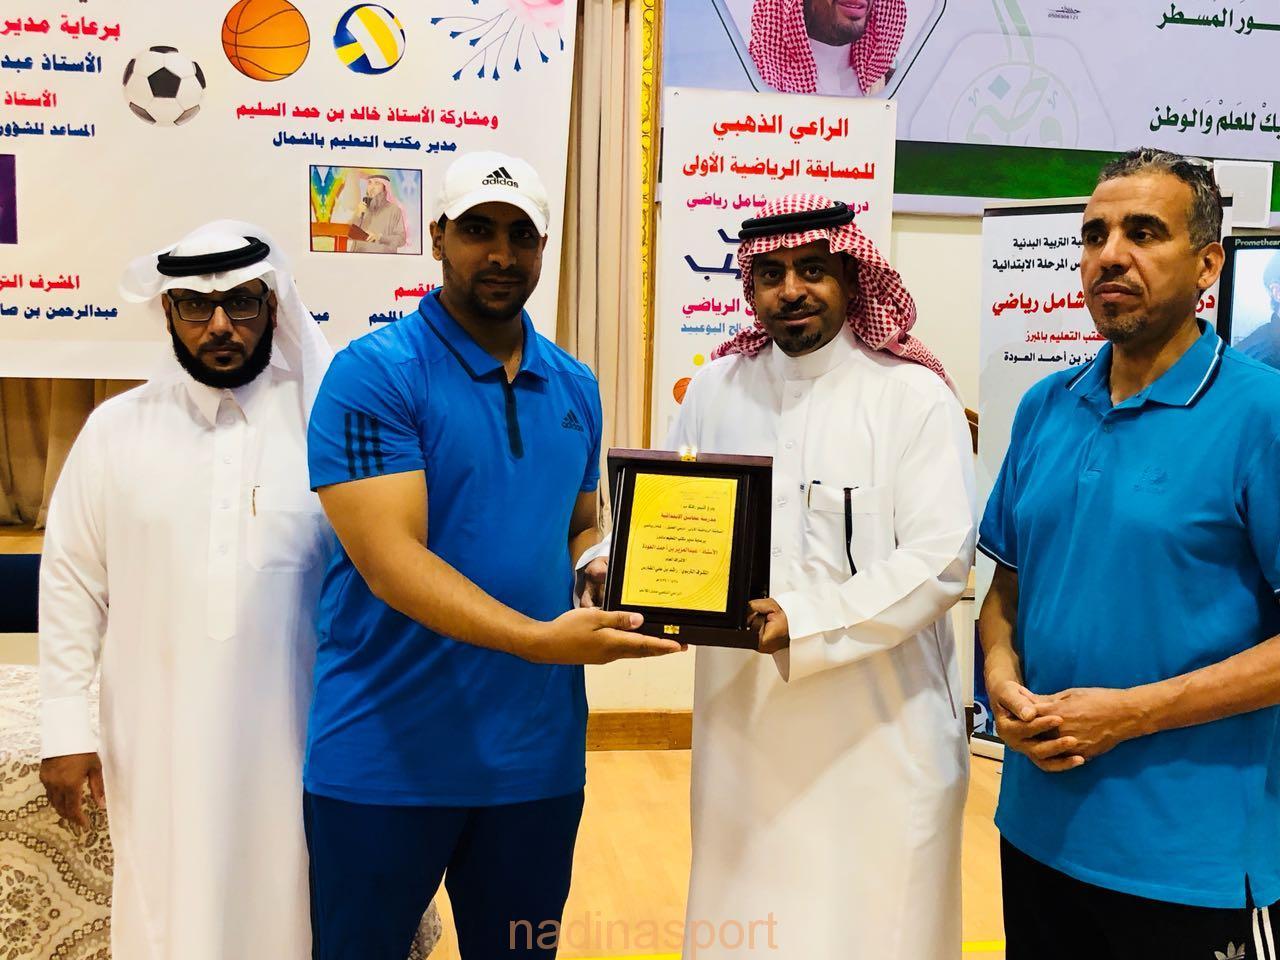 برعاية العودة مكة تحتضن المسابقة الرياضية